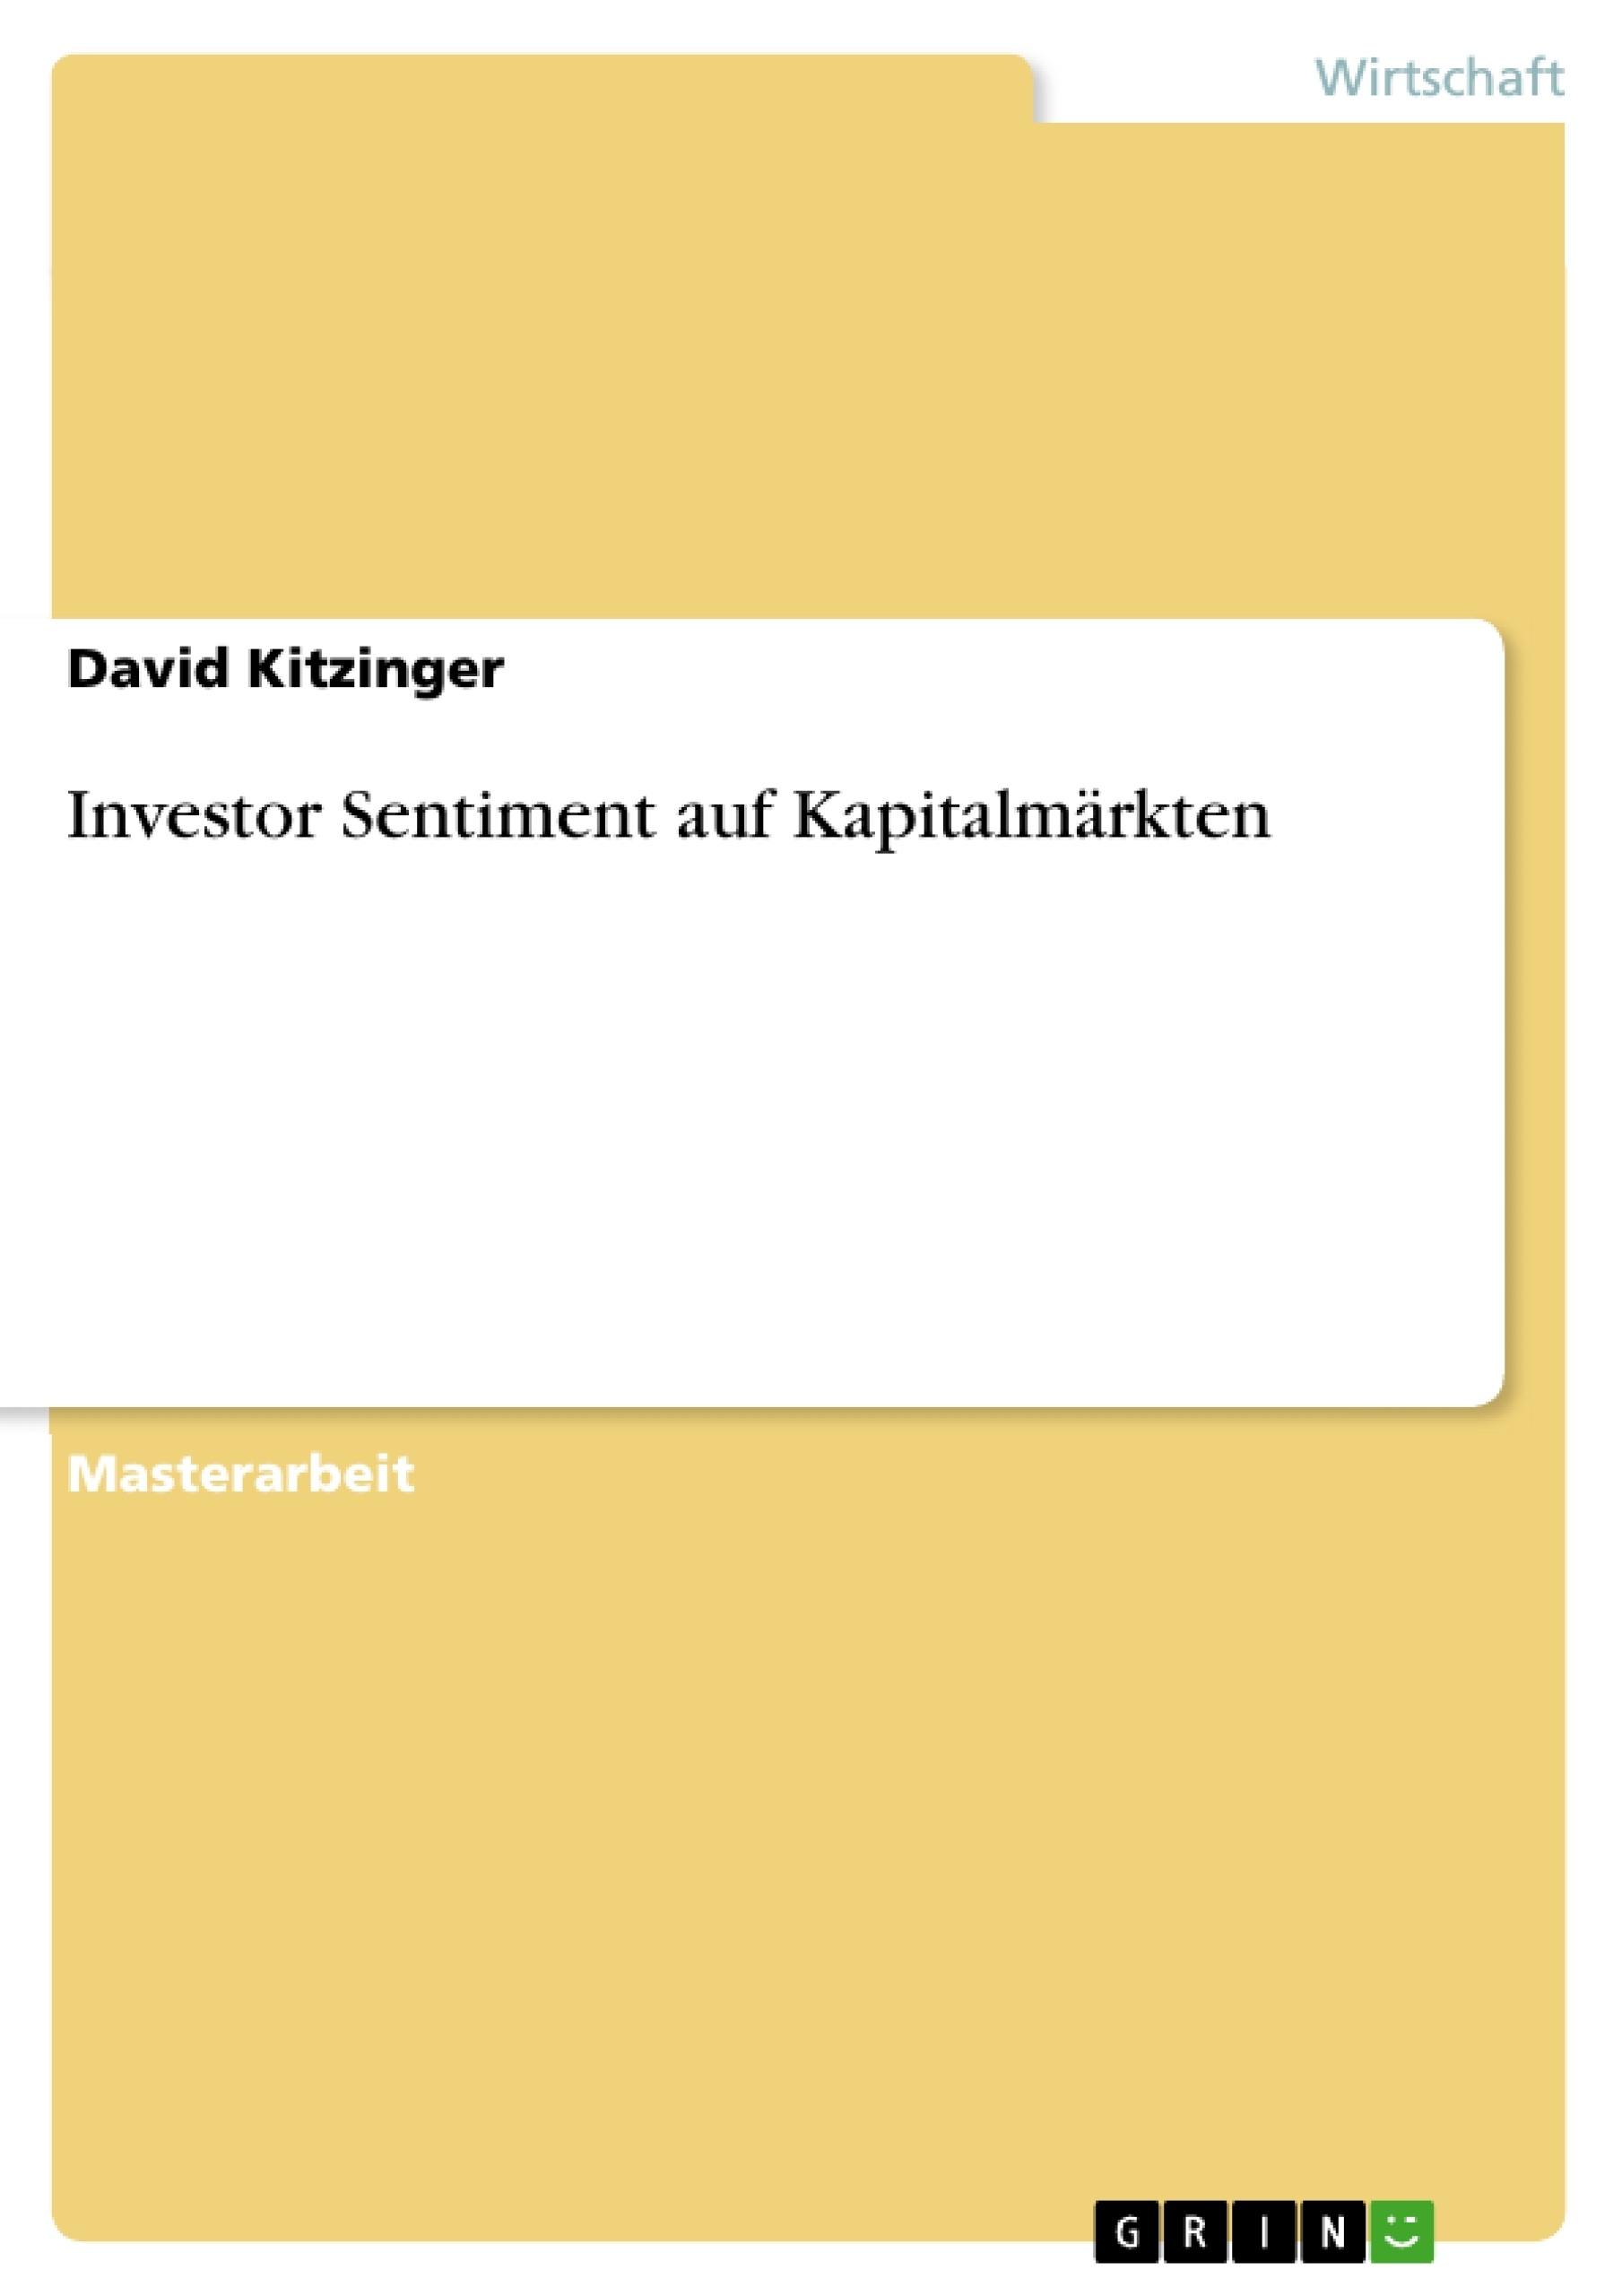 Investor Sentiment auf Kapitalmärkten | Masterarbeit, Hausarbeit ...